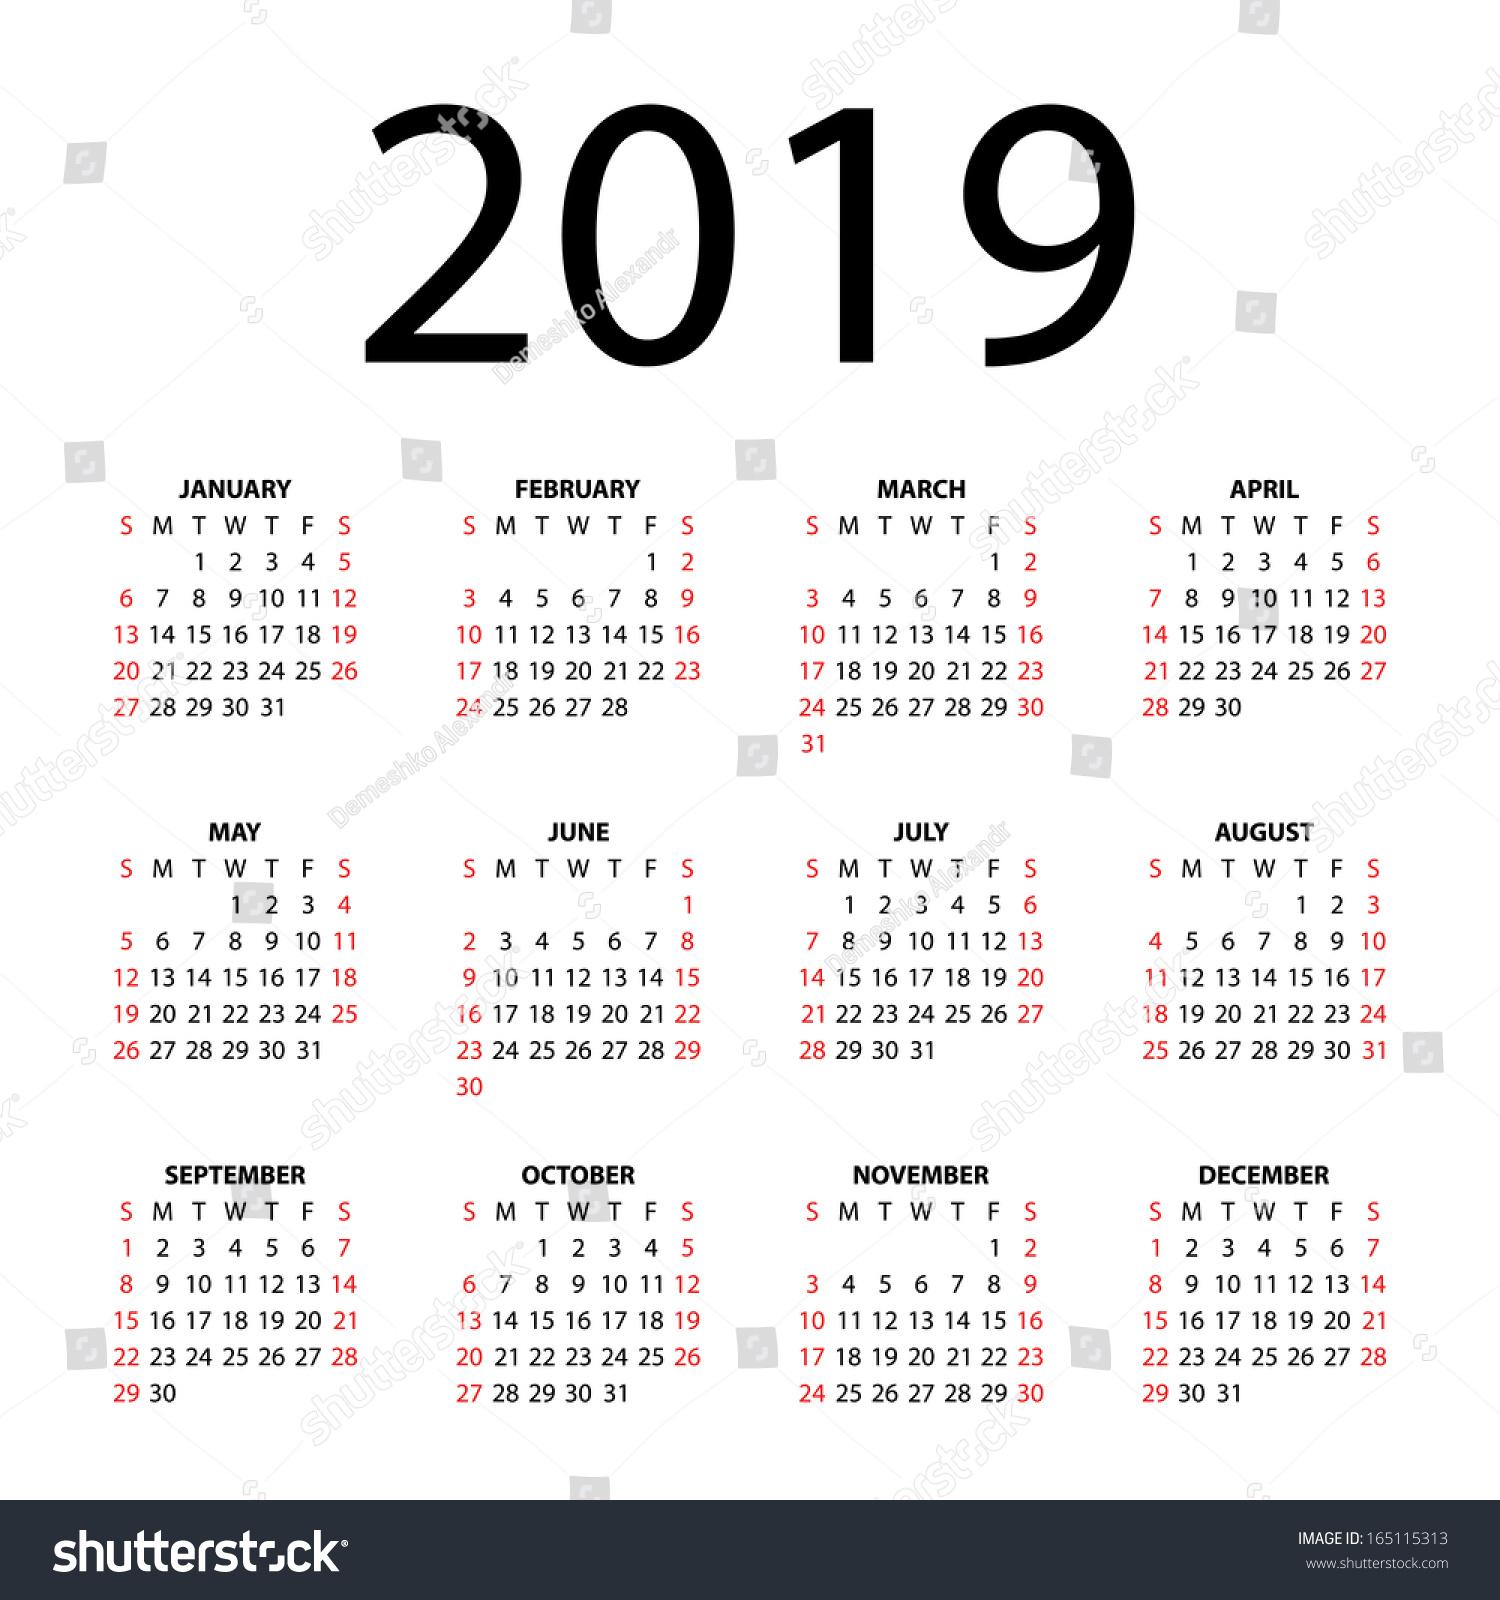 Calendar Background Vector : Calendar for on white background vector eps